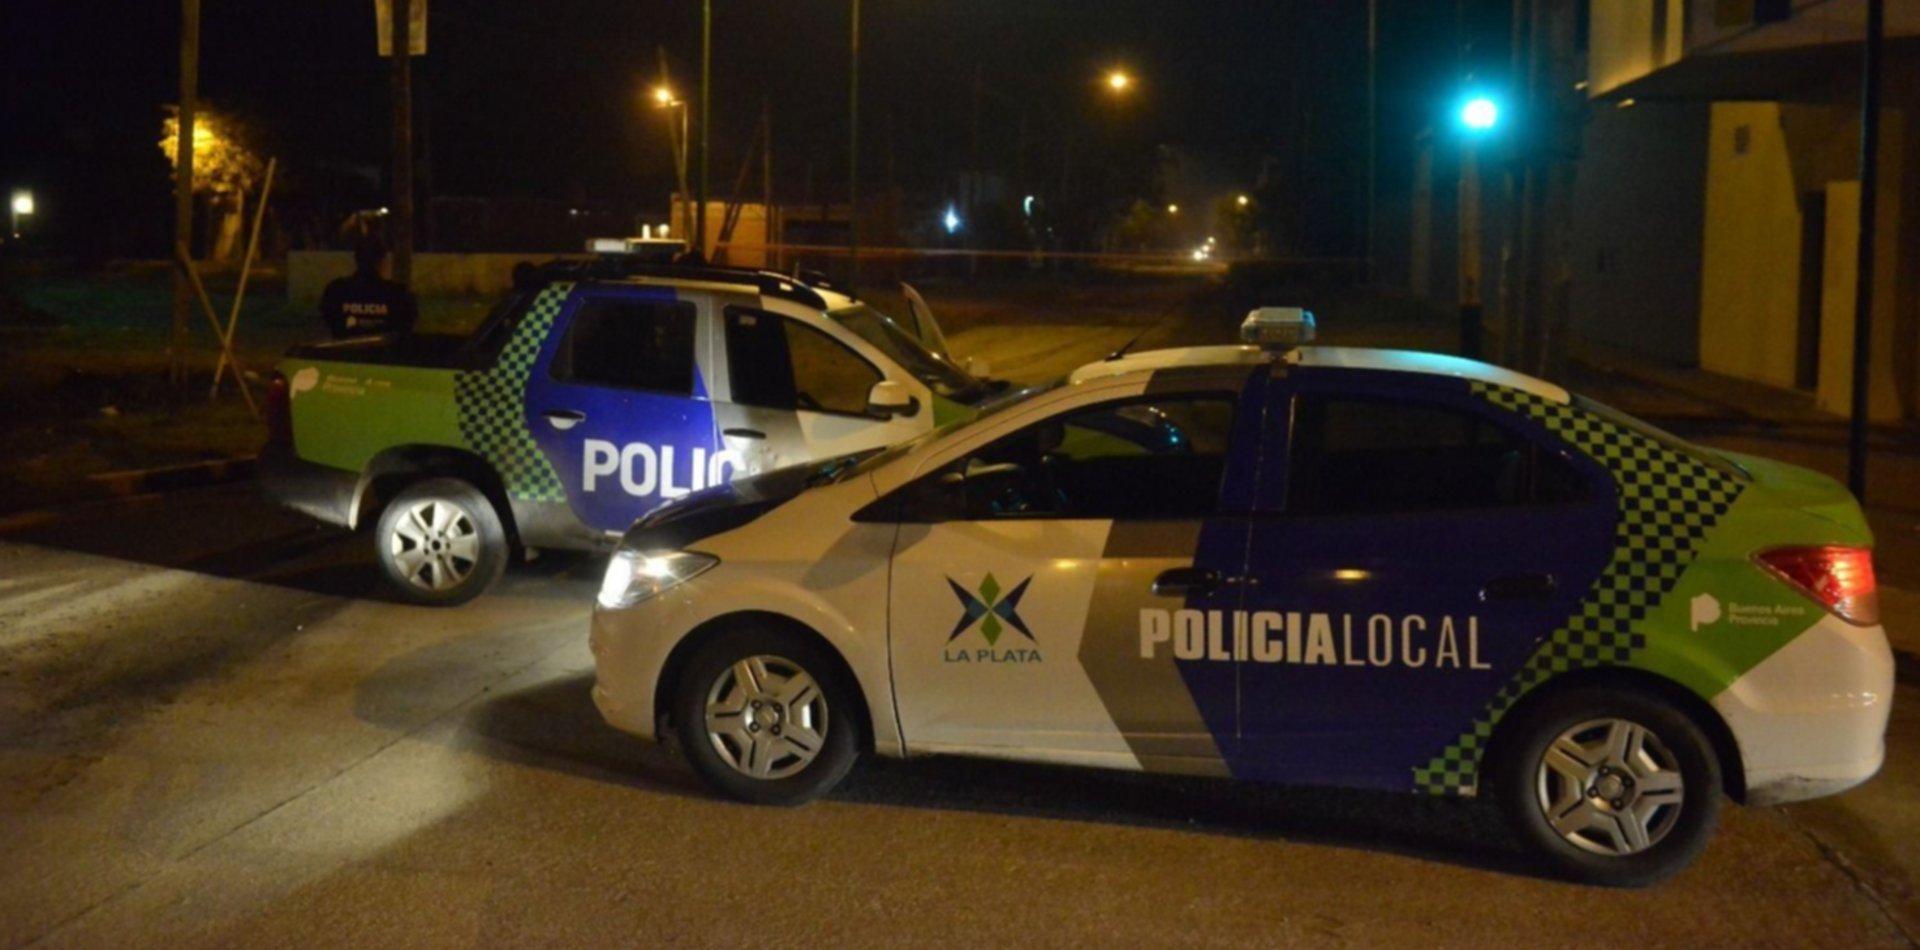 Dos hermanos jubilados fueron golpeados y asaltados en su casa de La Plata